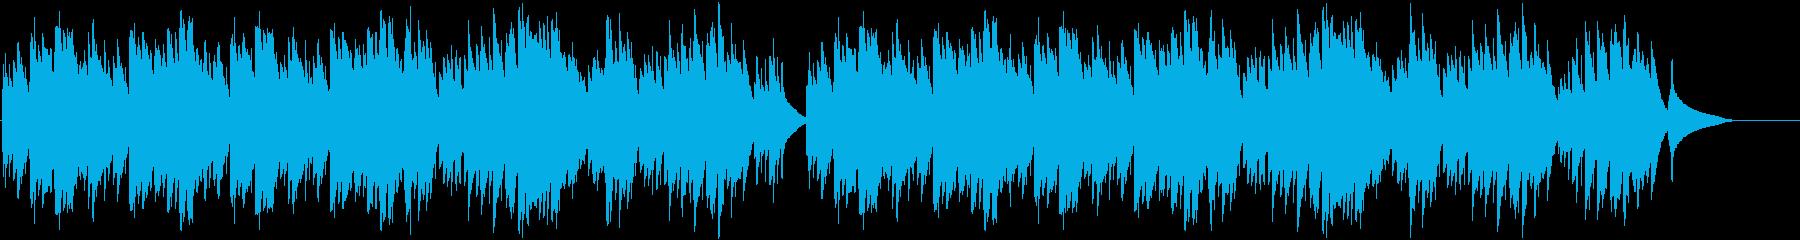 メルヘンでオルゴール調の綺麗な一曲の再生済みの波形